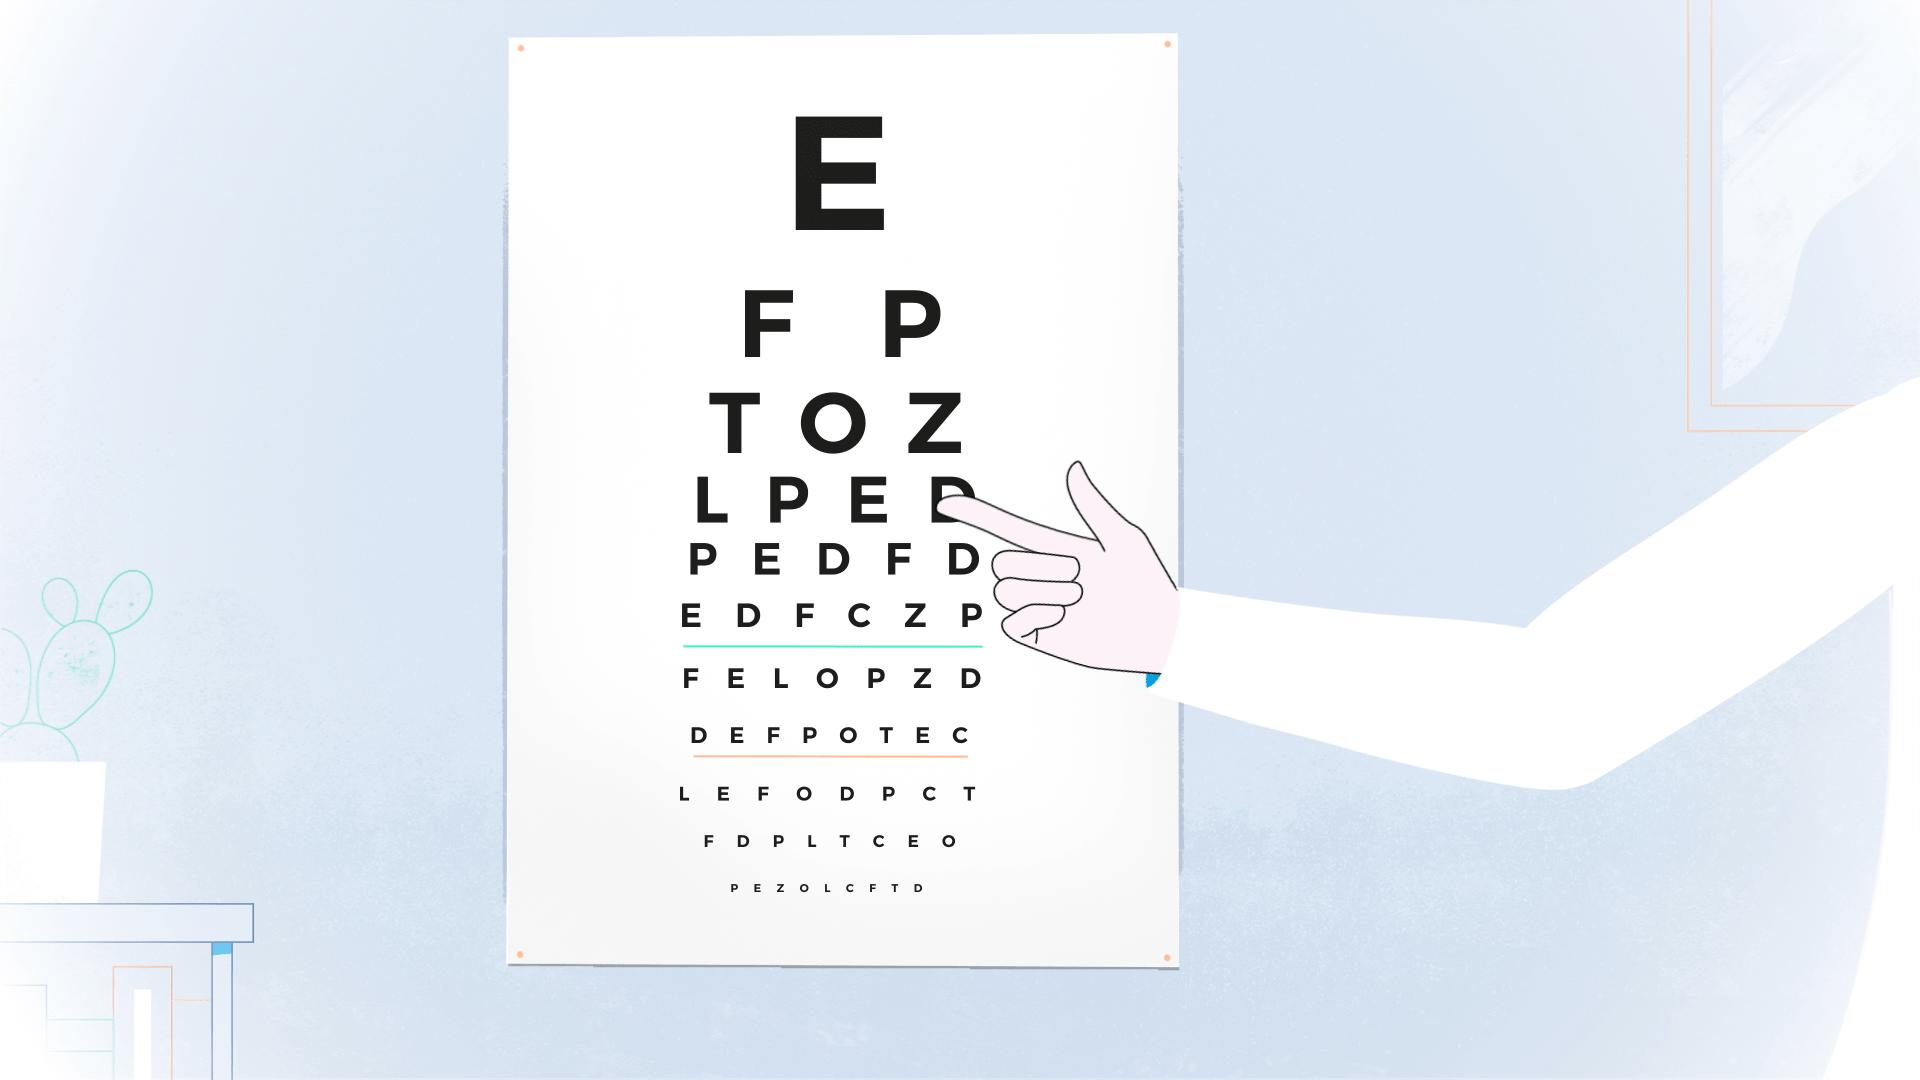 viziunea scăzută este cât de mult ce vitamine afectează vederea